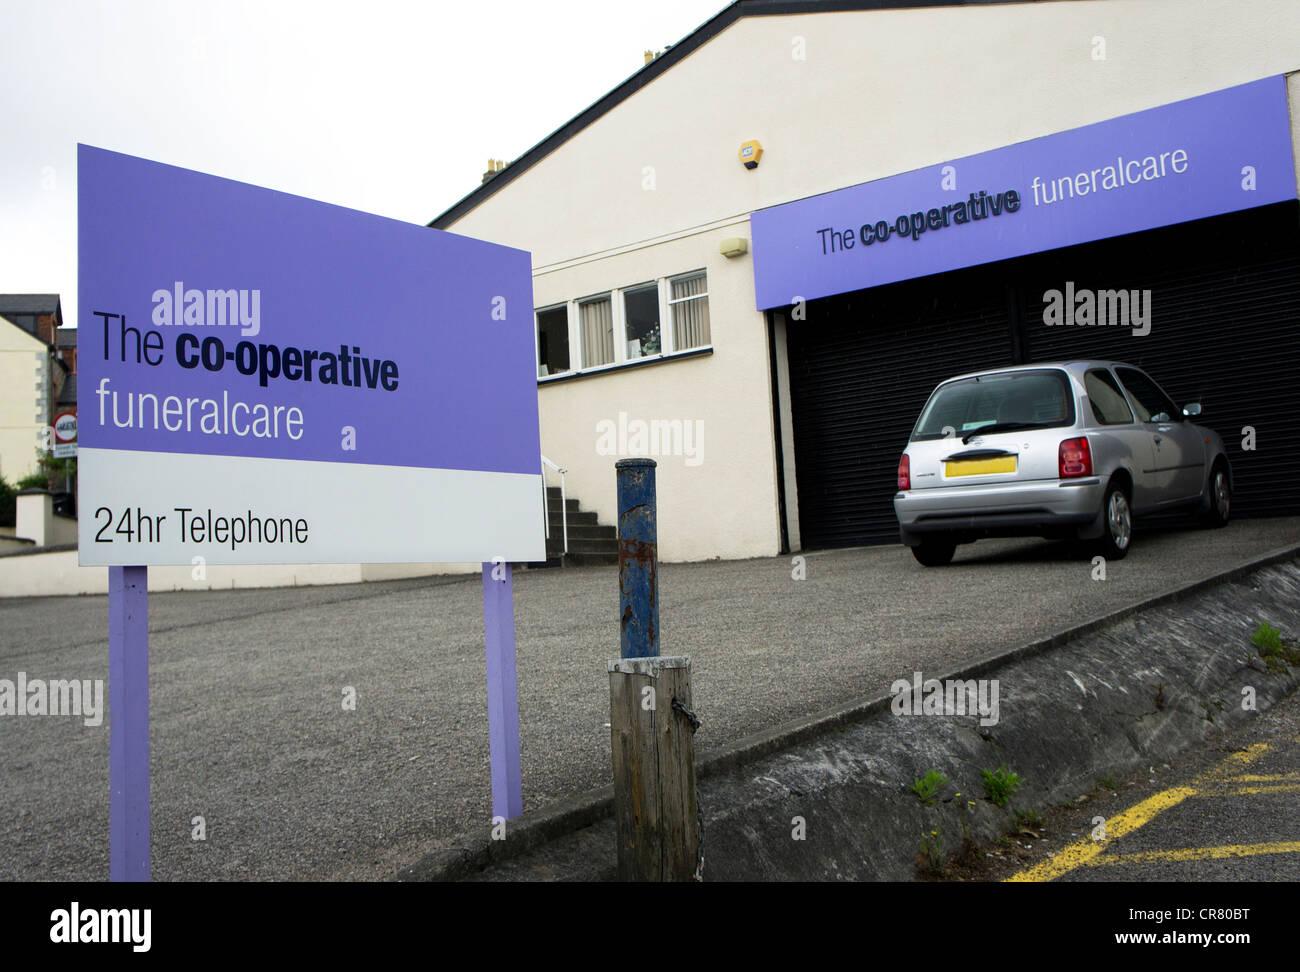 La compañía funeralcare Co-Operative, REINO UNIDO Imagen De Stock